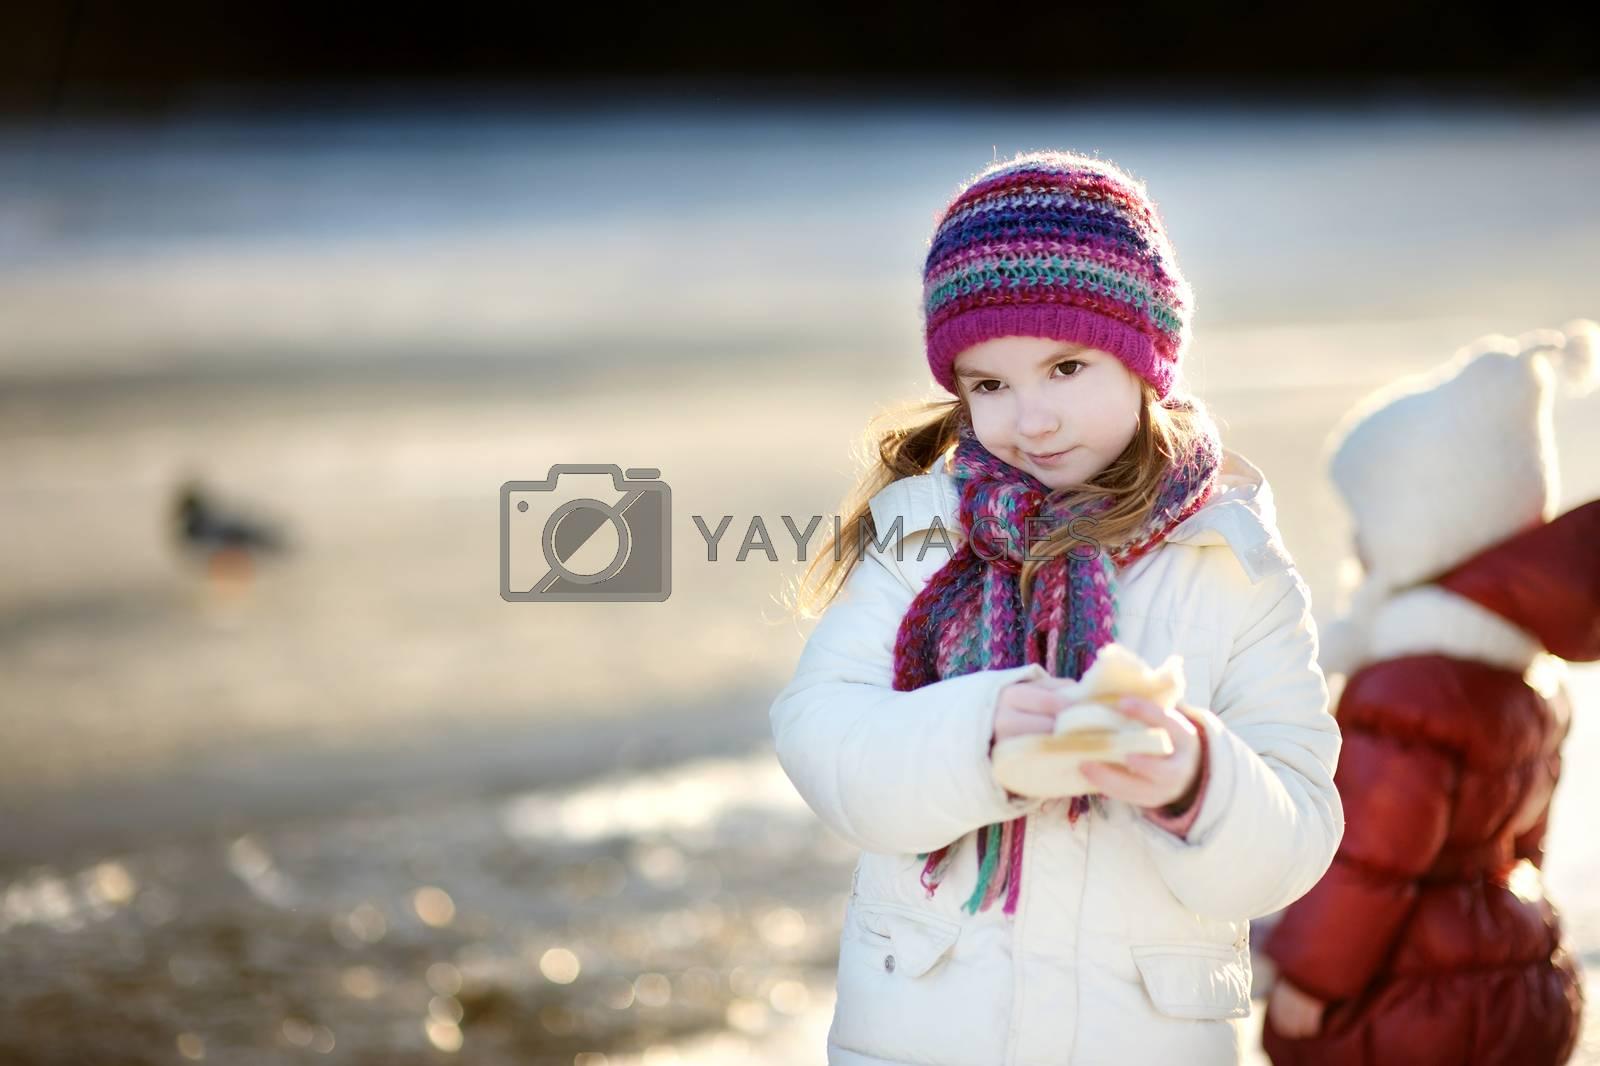 Adorable little girl feeding ducks at winter